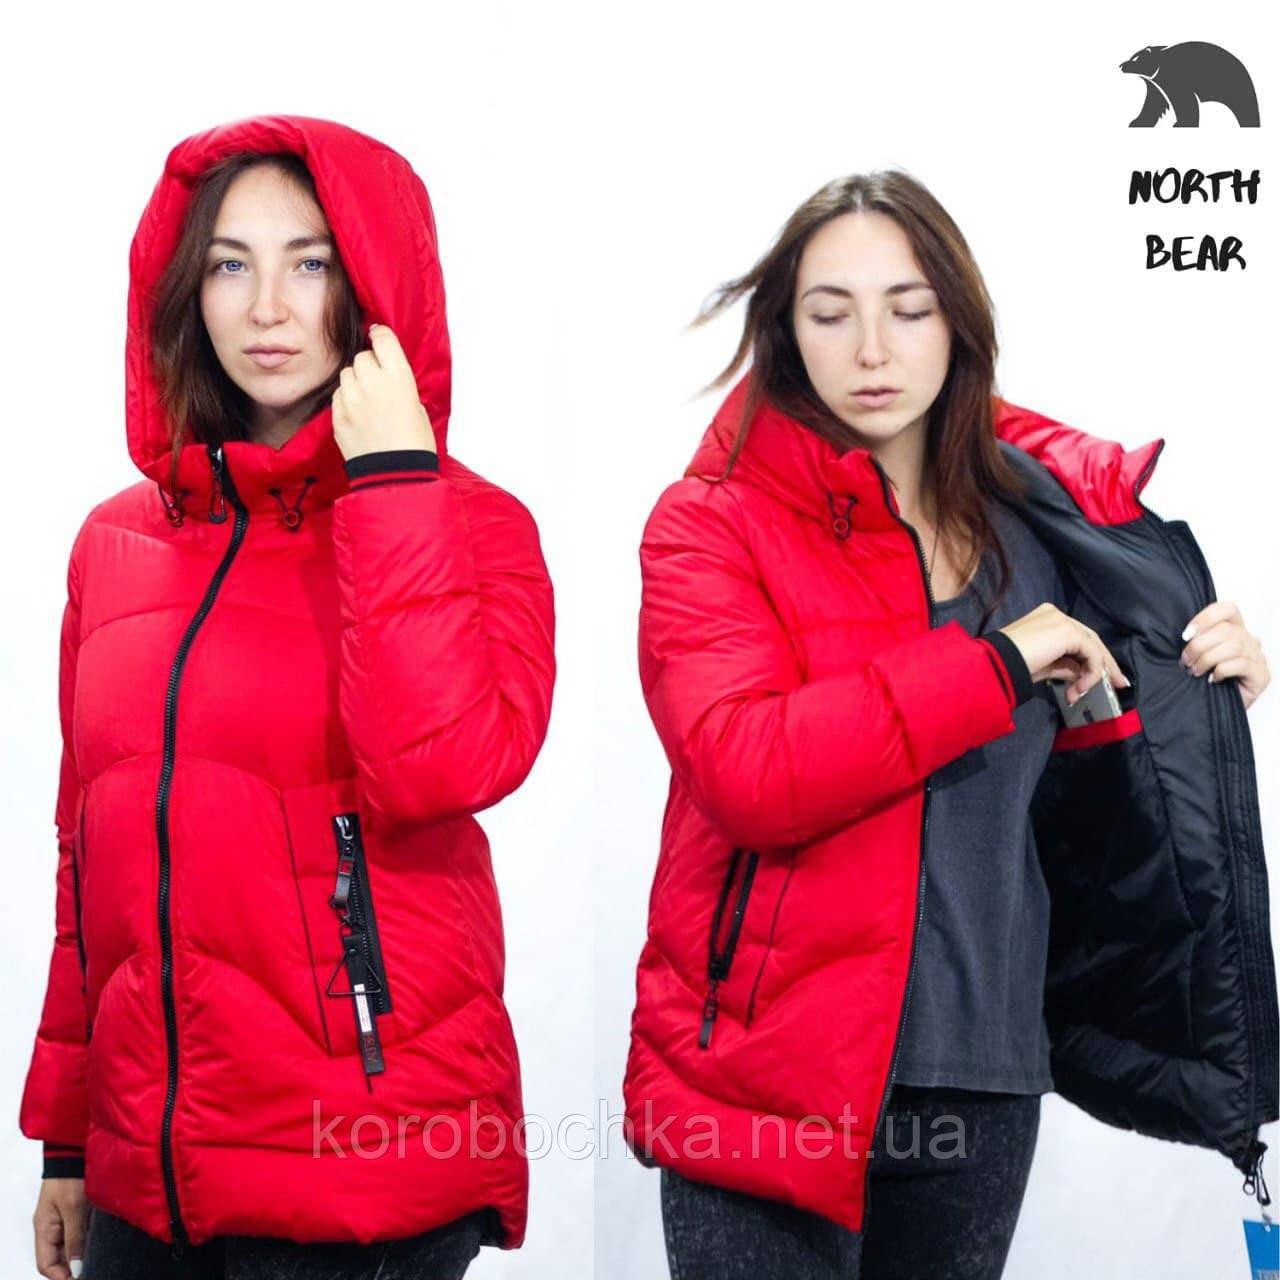 Жіноча зимова куртка з капюшоном